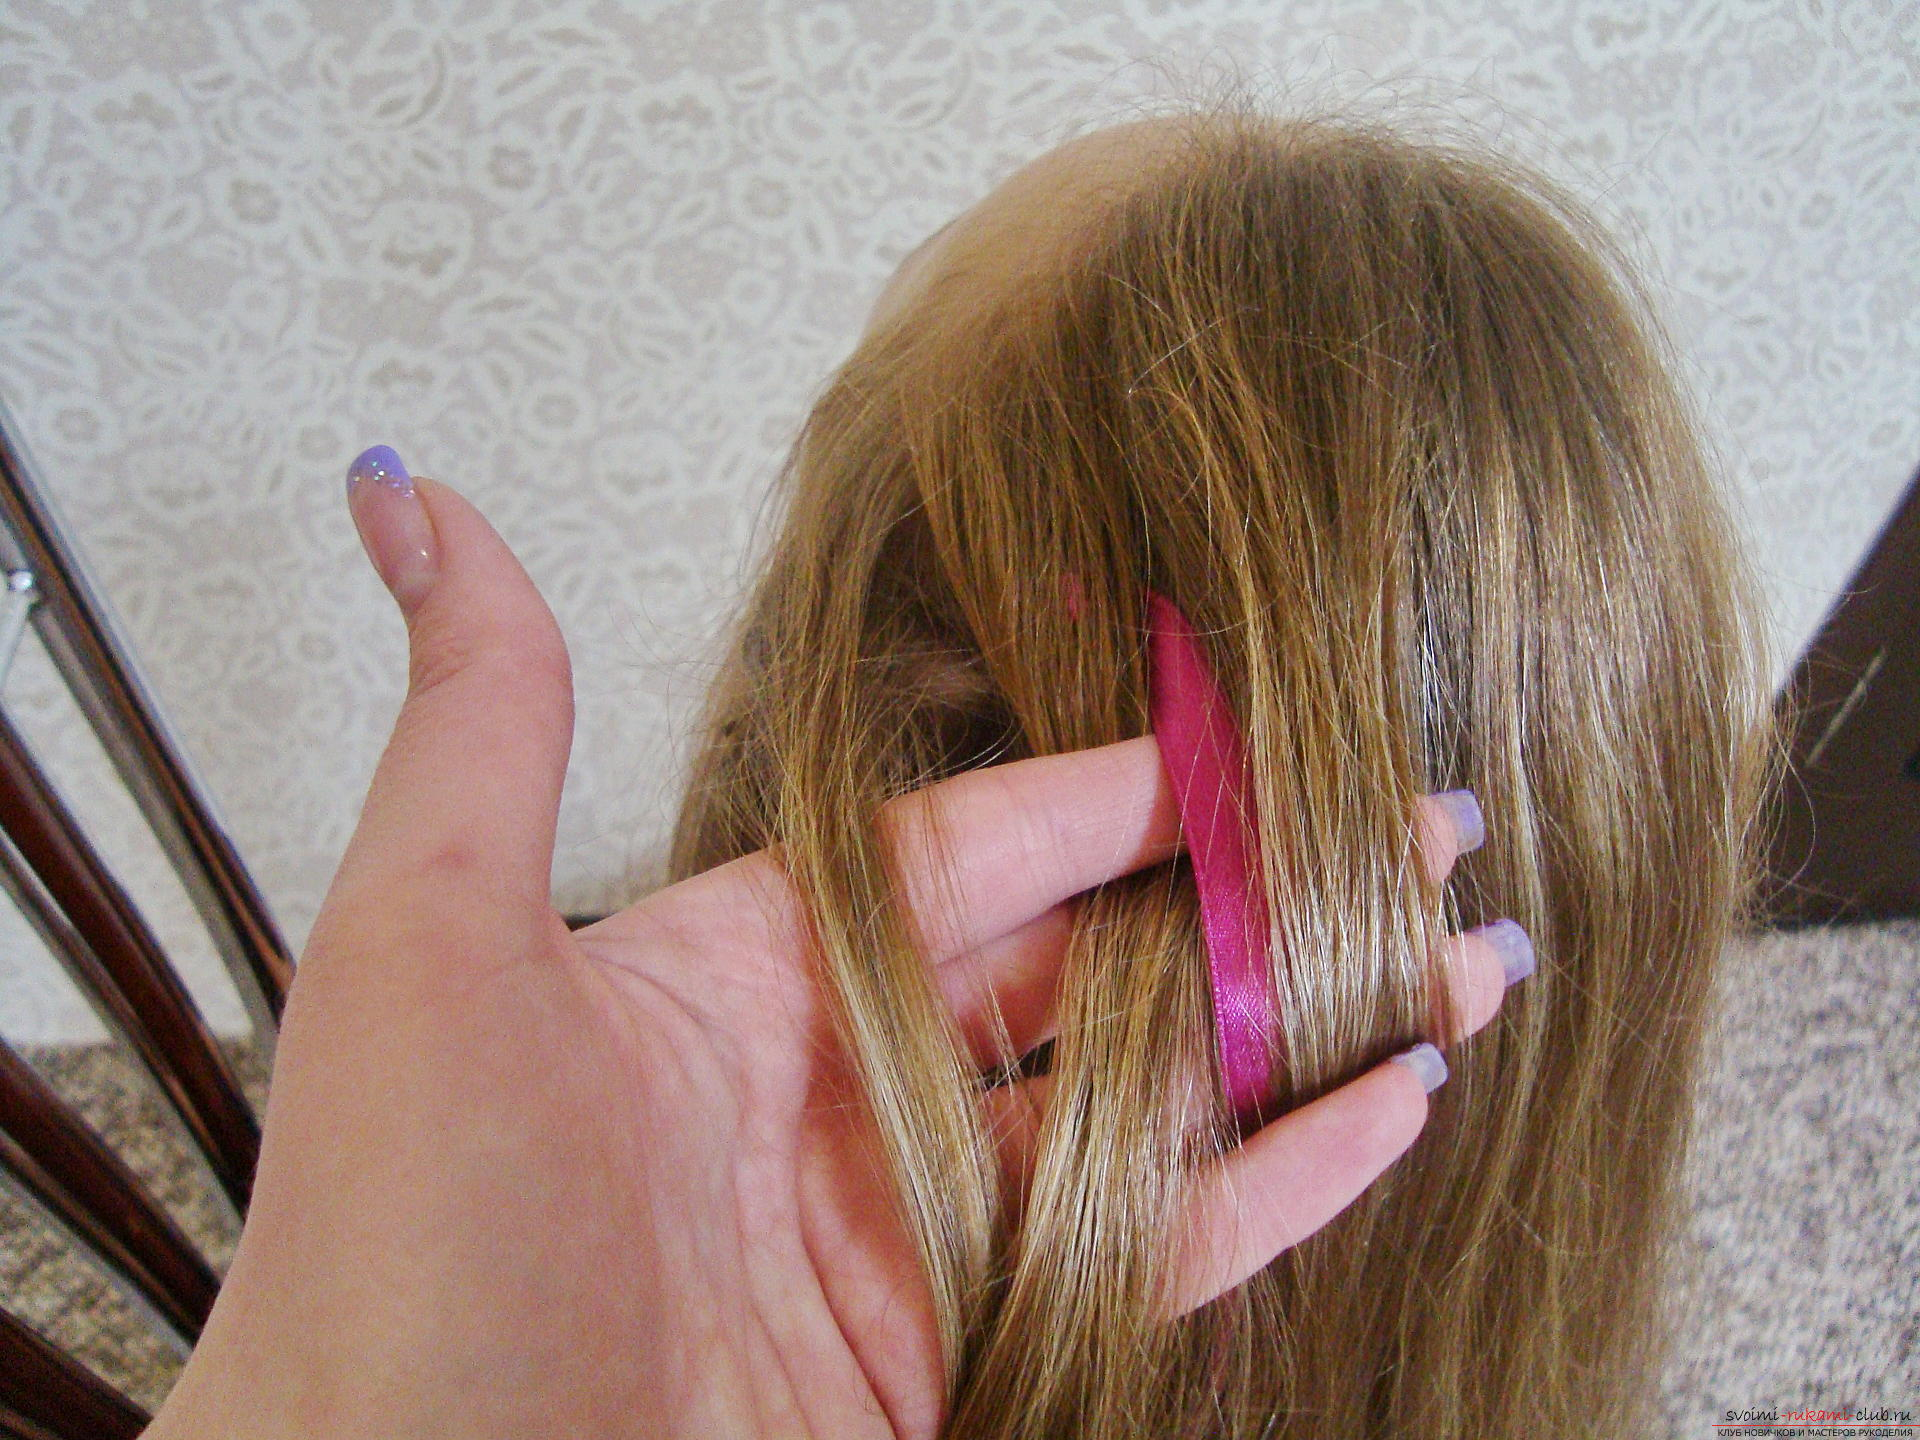 Подробная инструкция с фото и видео поможет создать красивую прическу дома.</p> </div> <p> Используя мастер-класс по прически можно своими руками создать удивительный образ для праздника.</p> <p> Коса, уложенная в цветок, сделает прическу на длинных волосах самой красивой.. Фото №4″/></p> <p>Начинаем создавать красивые переплеты для создания уникальной четырехпрядной косы. Первой проплетается прядь, находящаяся с краю по левую сторону.</p> <p> Она сначала переплетается поверх второй прядки, а потом словно змейка ныряет под малиновую атласную ленту.</p> <p> Конец пряди должен свисать вниз, занимая позицию возле последней части косы, но никак не пересекается с правой прядкой.</p> <p> Конечное положение перемещения левой пряди не должно быть такое, как на фото, здесь уже запечатлен момент, когда начался второй переплет.</p> <p><div style=